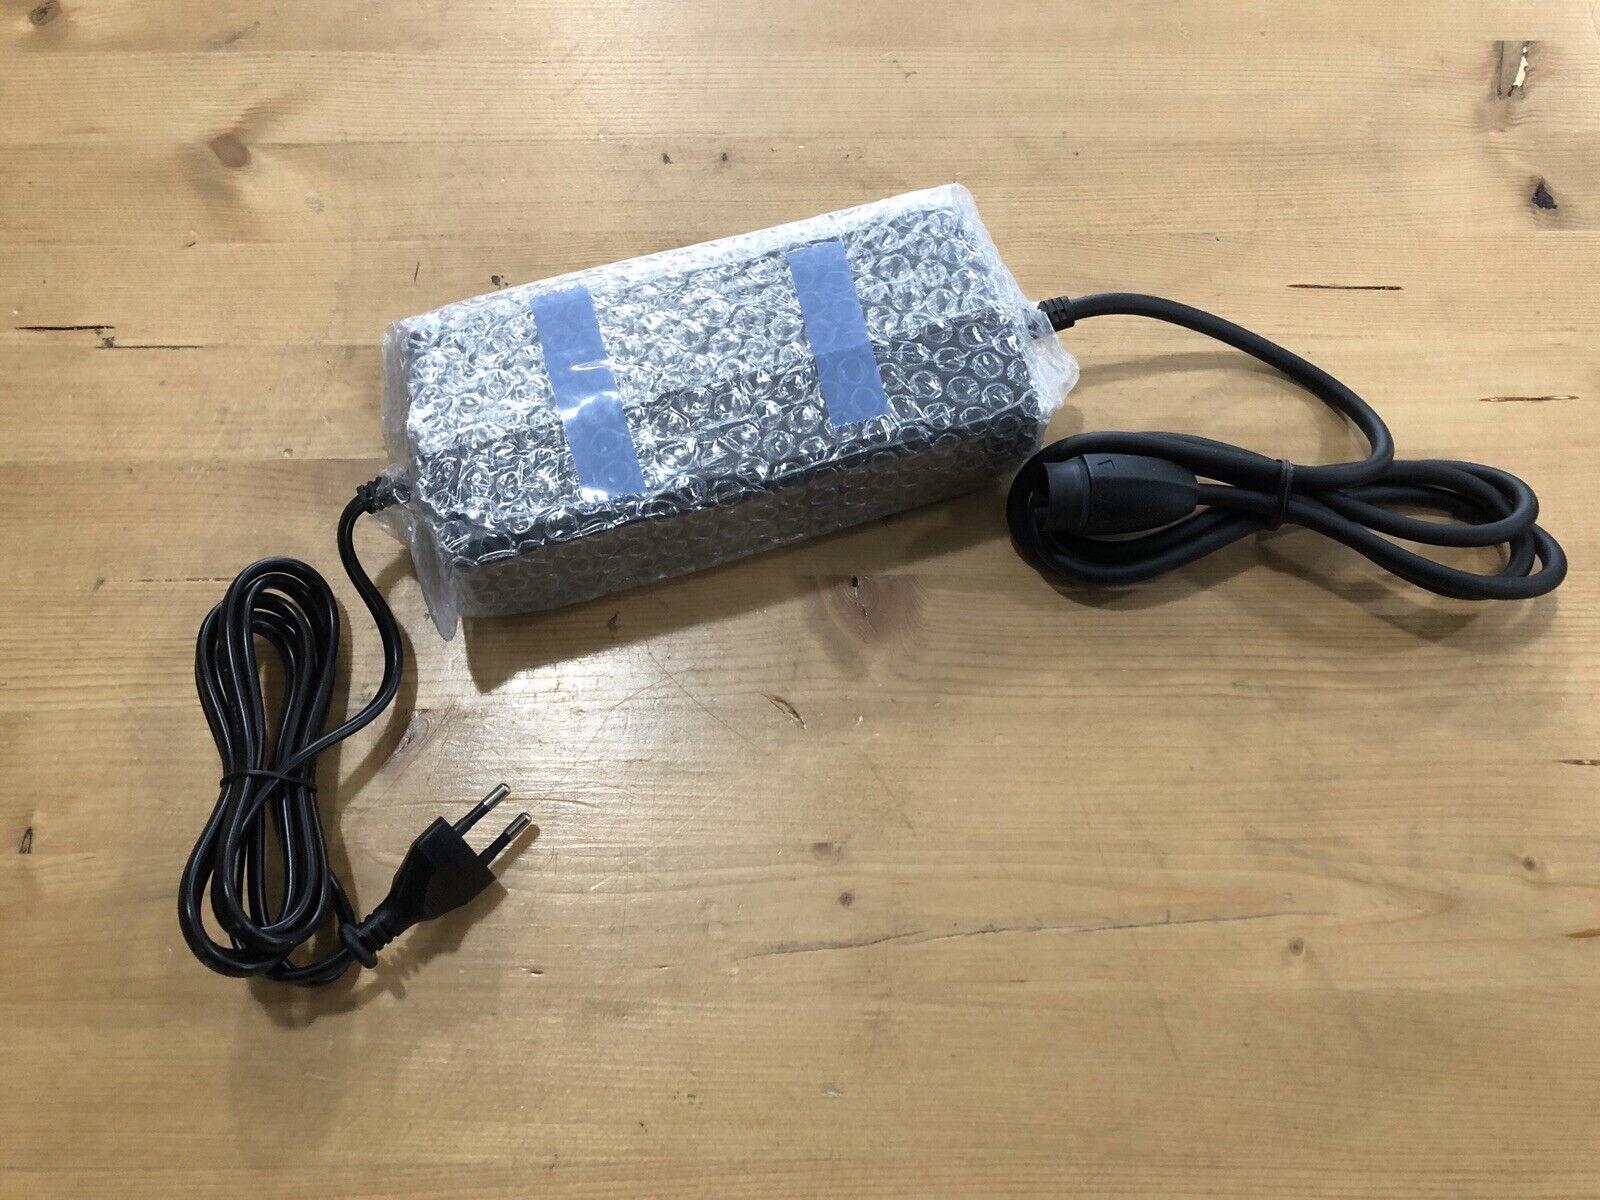 autoicatore autoicatore autoicatore 36v4a batteria ebike Yamaha Alimentatore EBike 1ab